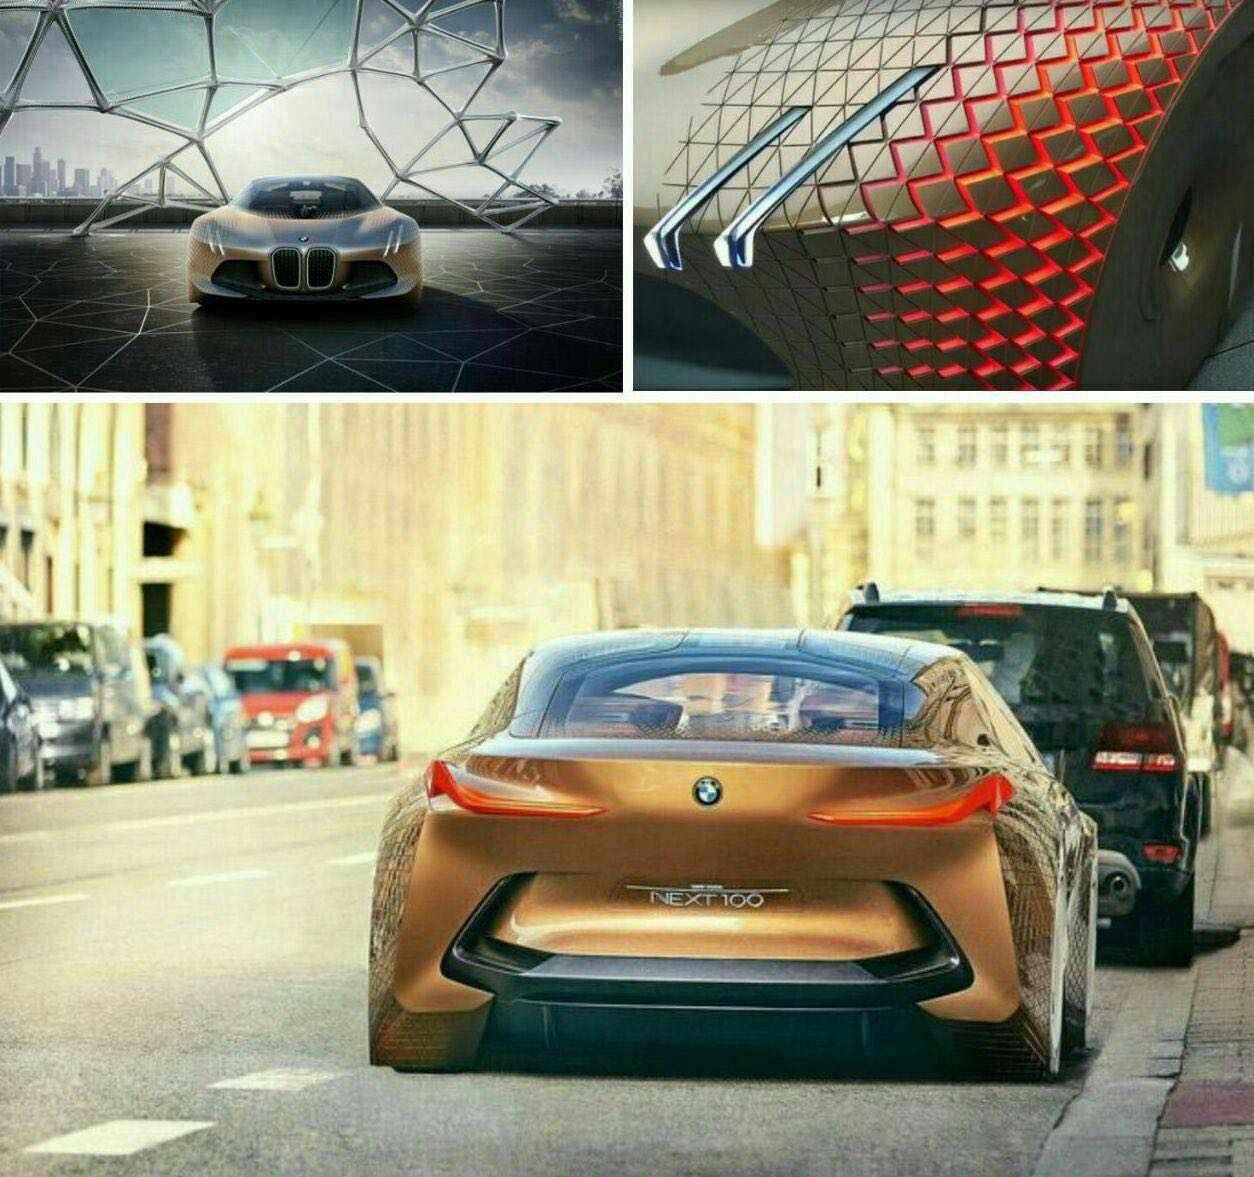 حضور جدیدترین طراحی کانسپت BMW در خیابان های آلمان